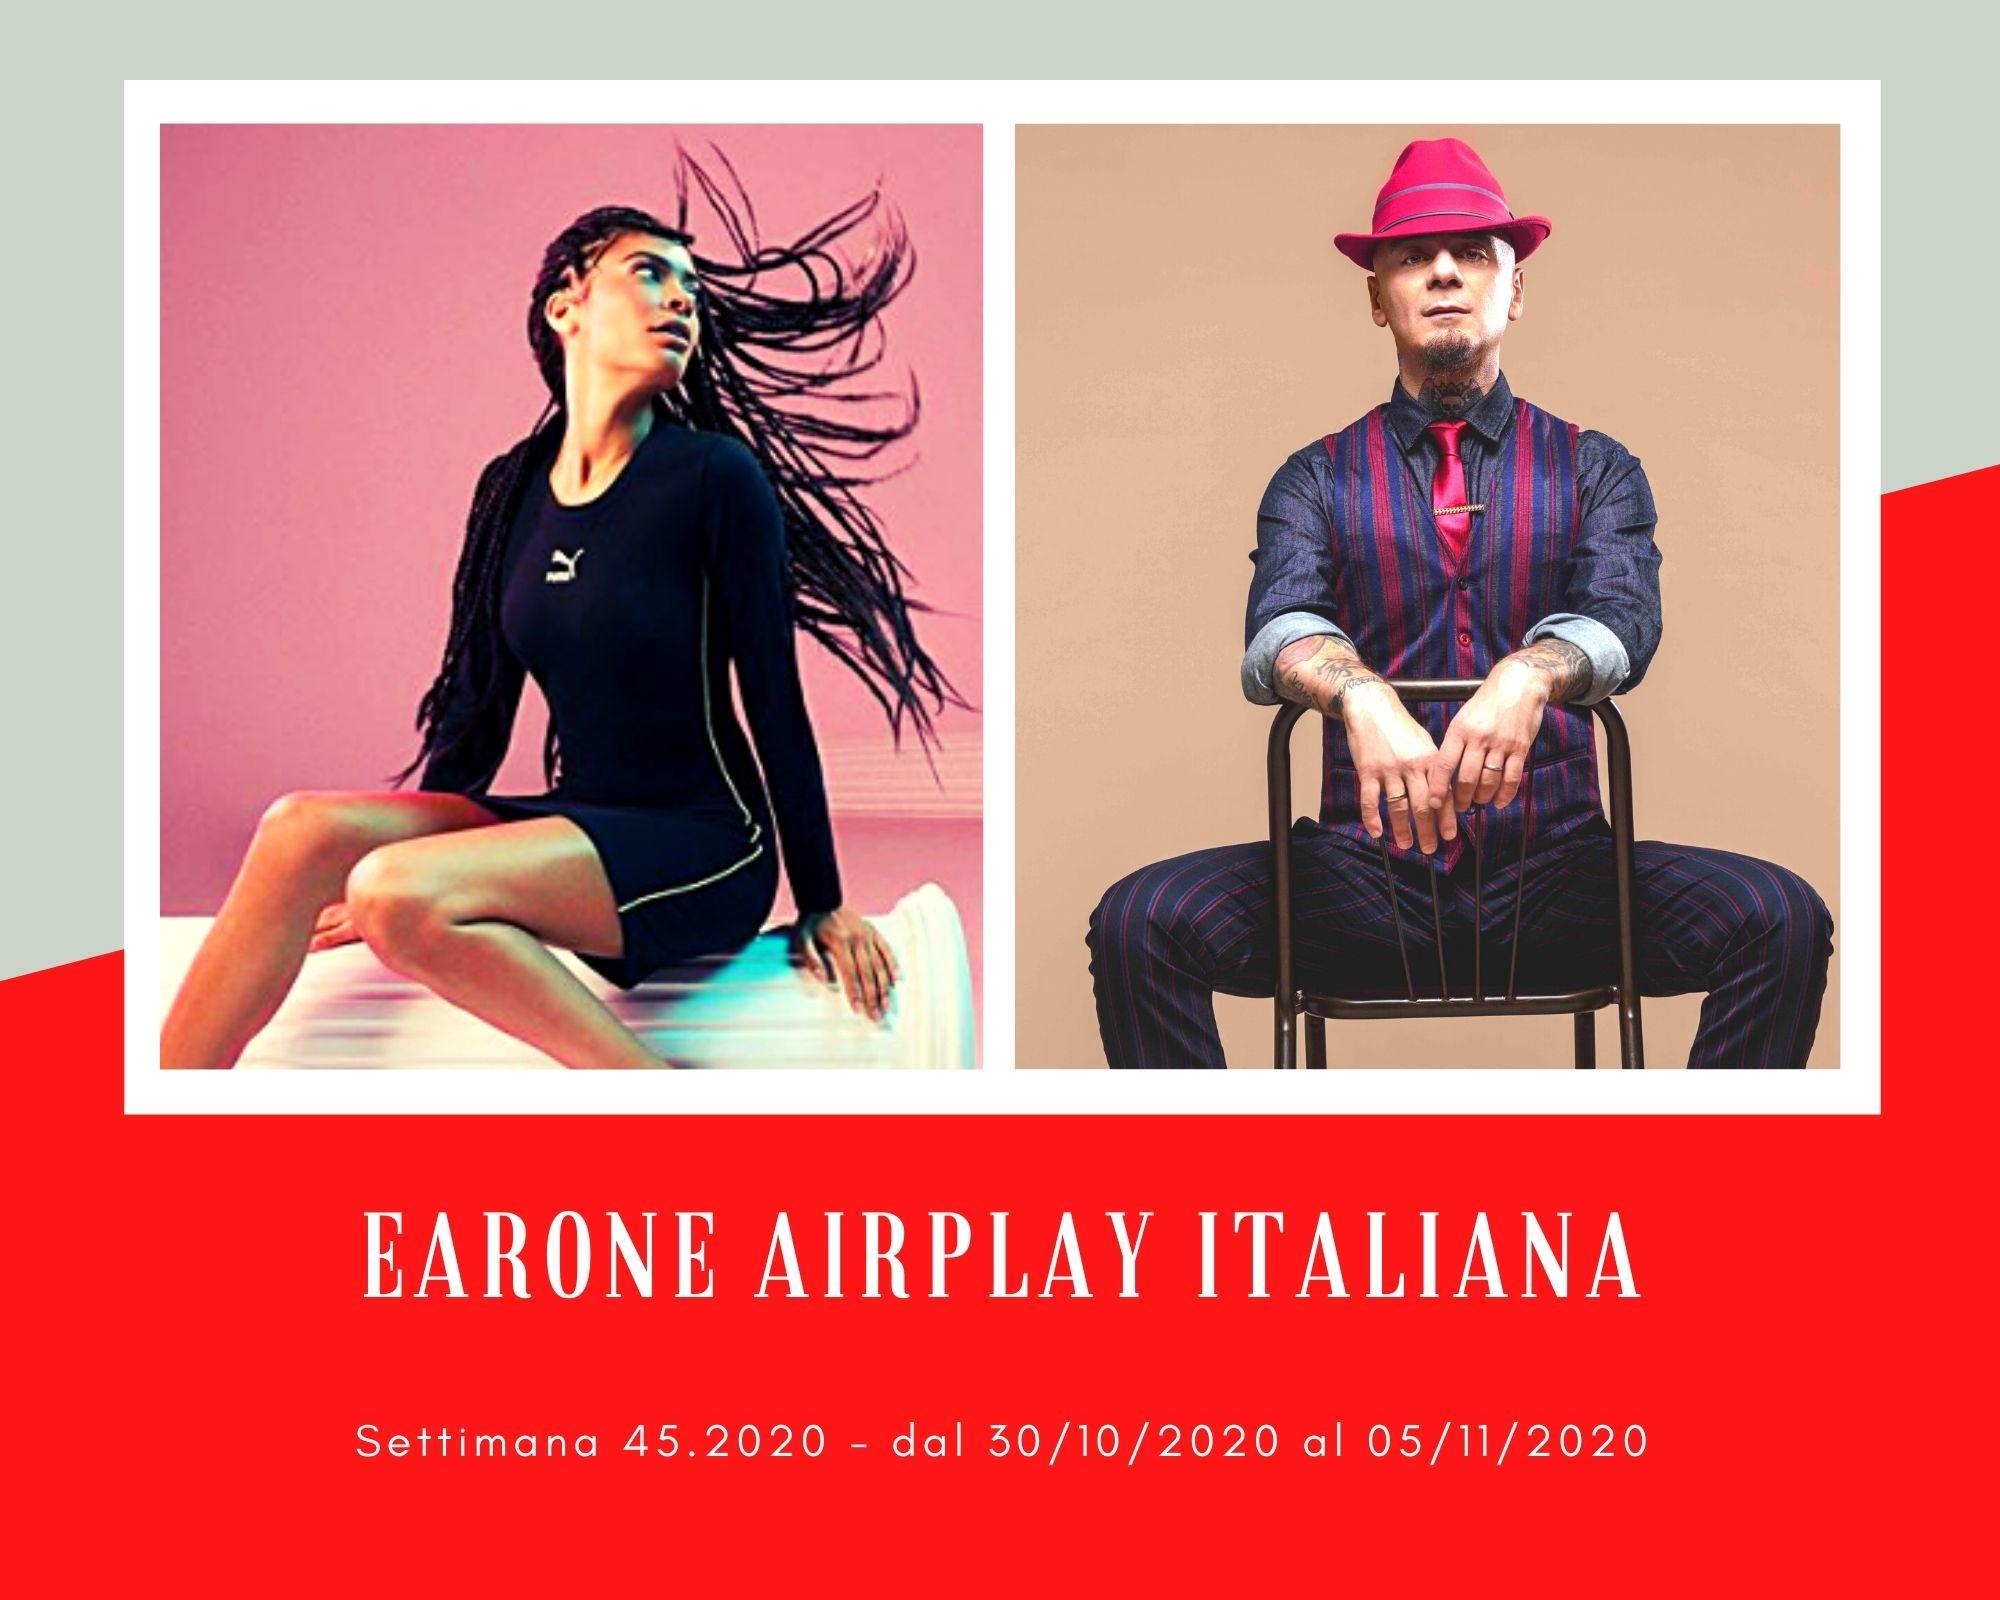 """Classifica Radio EARONE Airplay Italiana, week 45. J-Ax e Elodie sorpassano in coppia, Tiziano Ferro """"giorgieggia"""""""